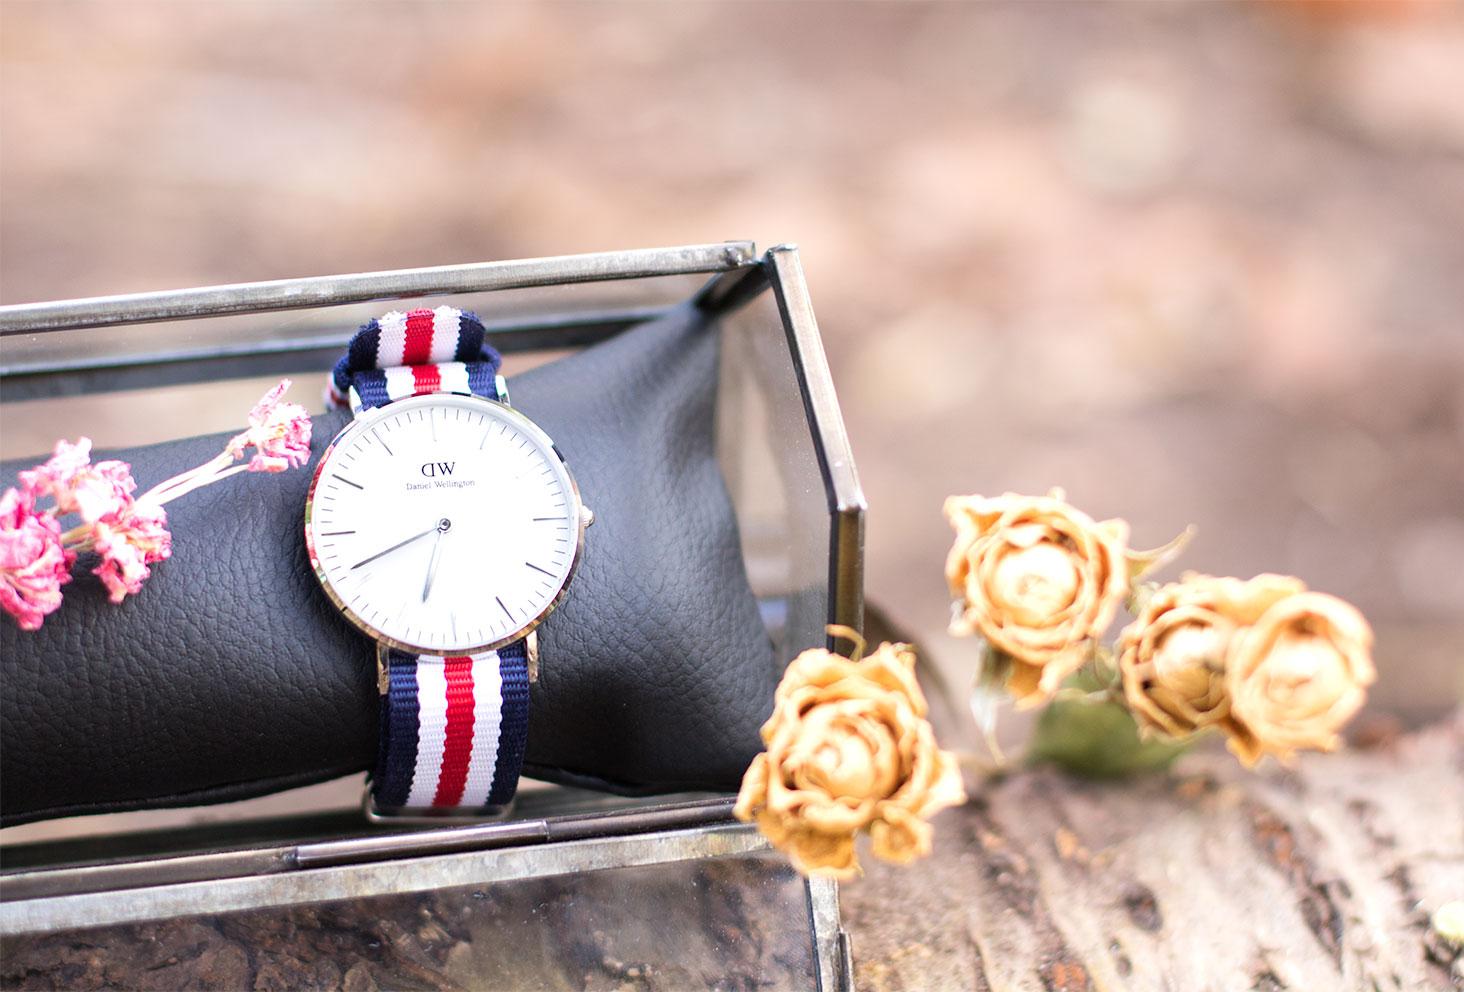 La montre Classic Canterbury de Daniel Wellington sur un coussin noir dans une boîte en verre au milieu des fleurs sèches jaunes et roses